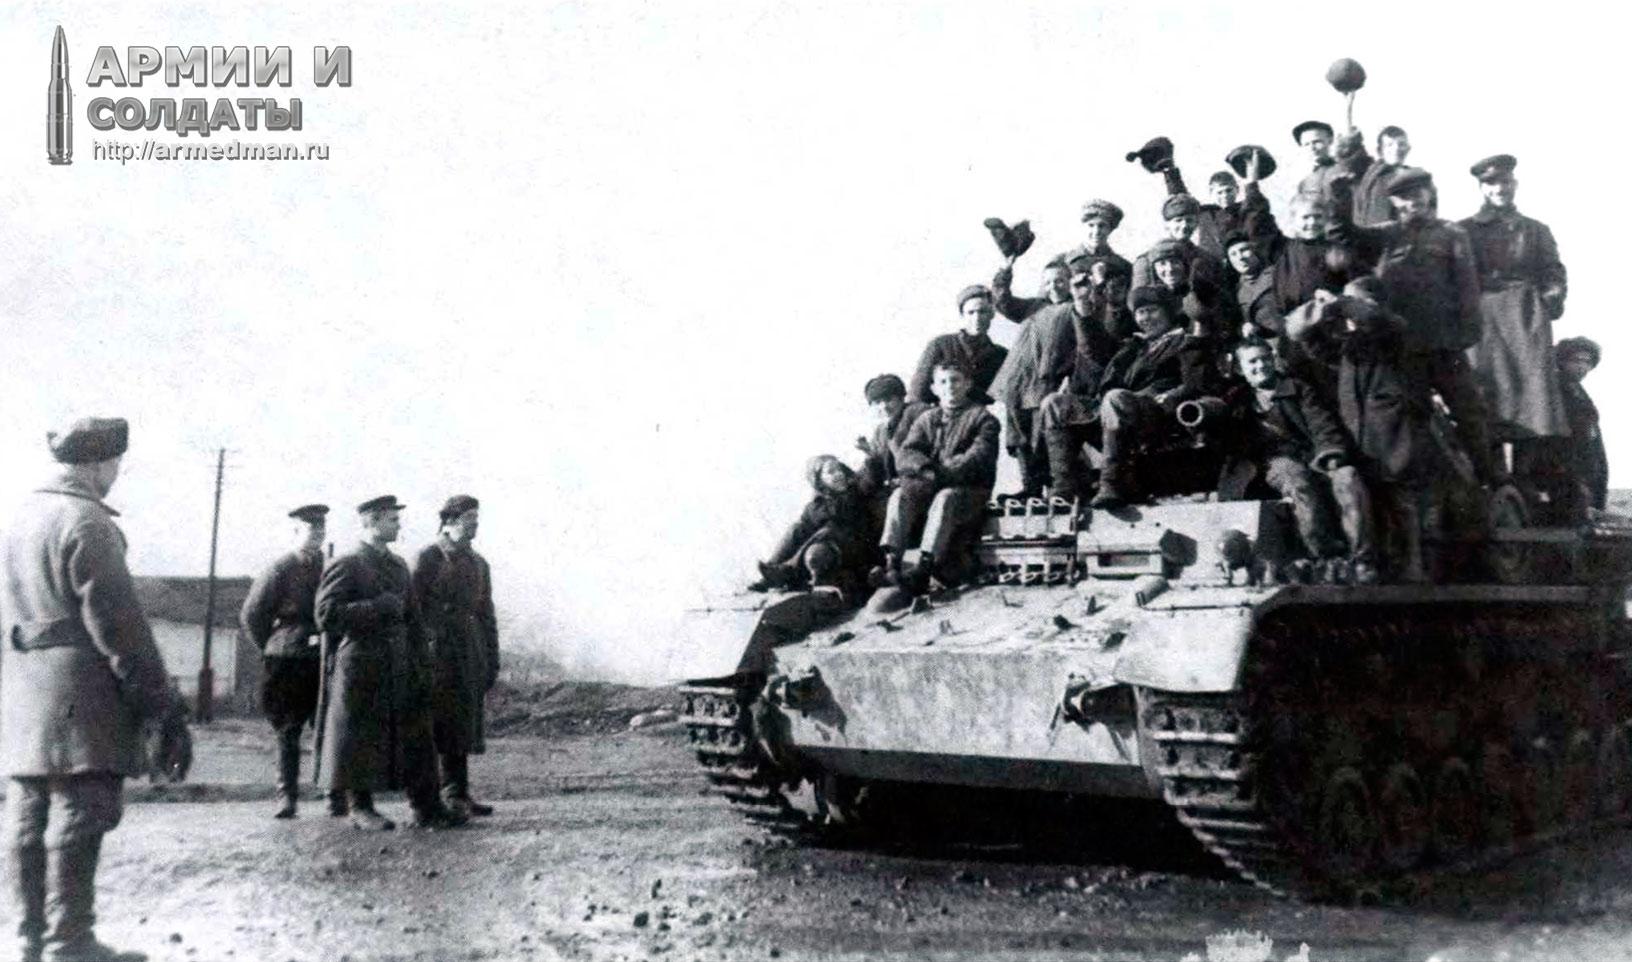 Pz-IV-Aust-F1-на-службе-в-Красной-Армии,-Северокавказский-фронт,-151-танковая-бригада,-весна-1943-(2)